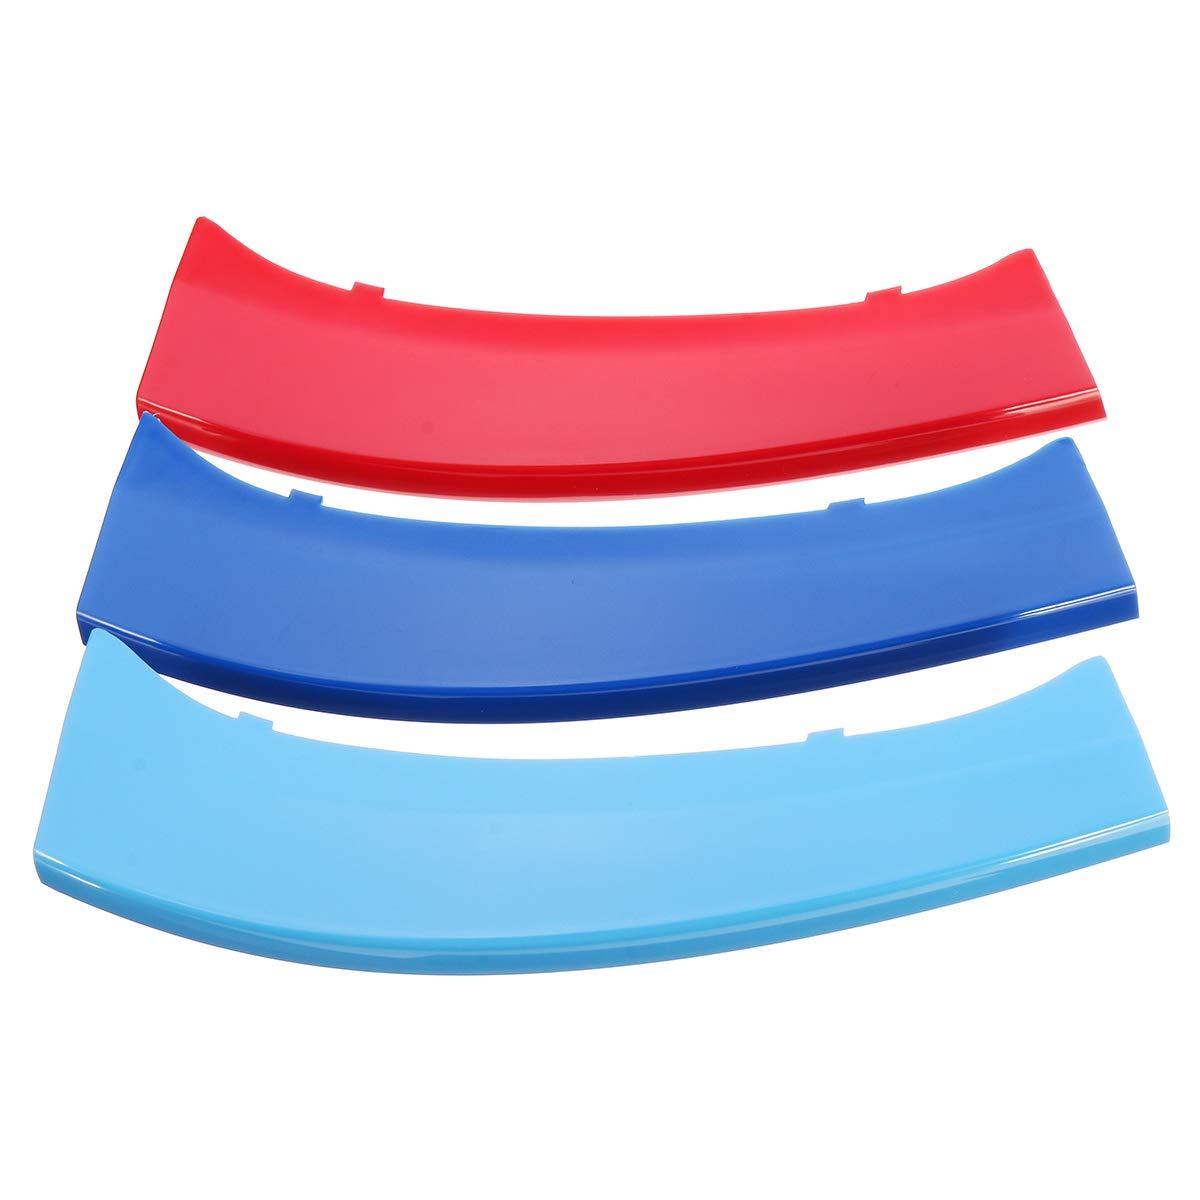 JenNiFer 3Pcs Tricolor Plastic Front Center Grille Cover Trim F/ür BMW X4 F26 2014 2015